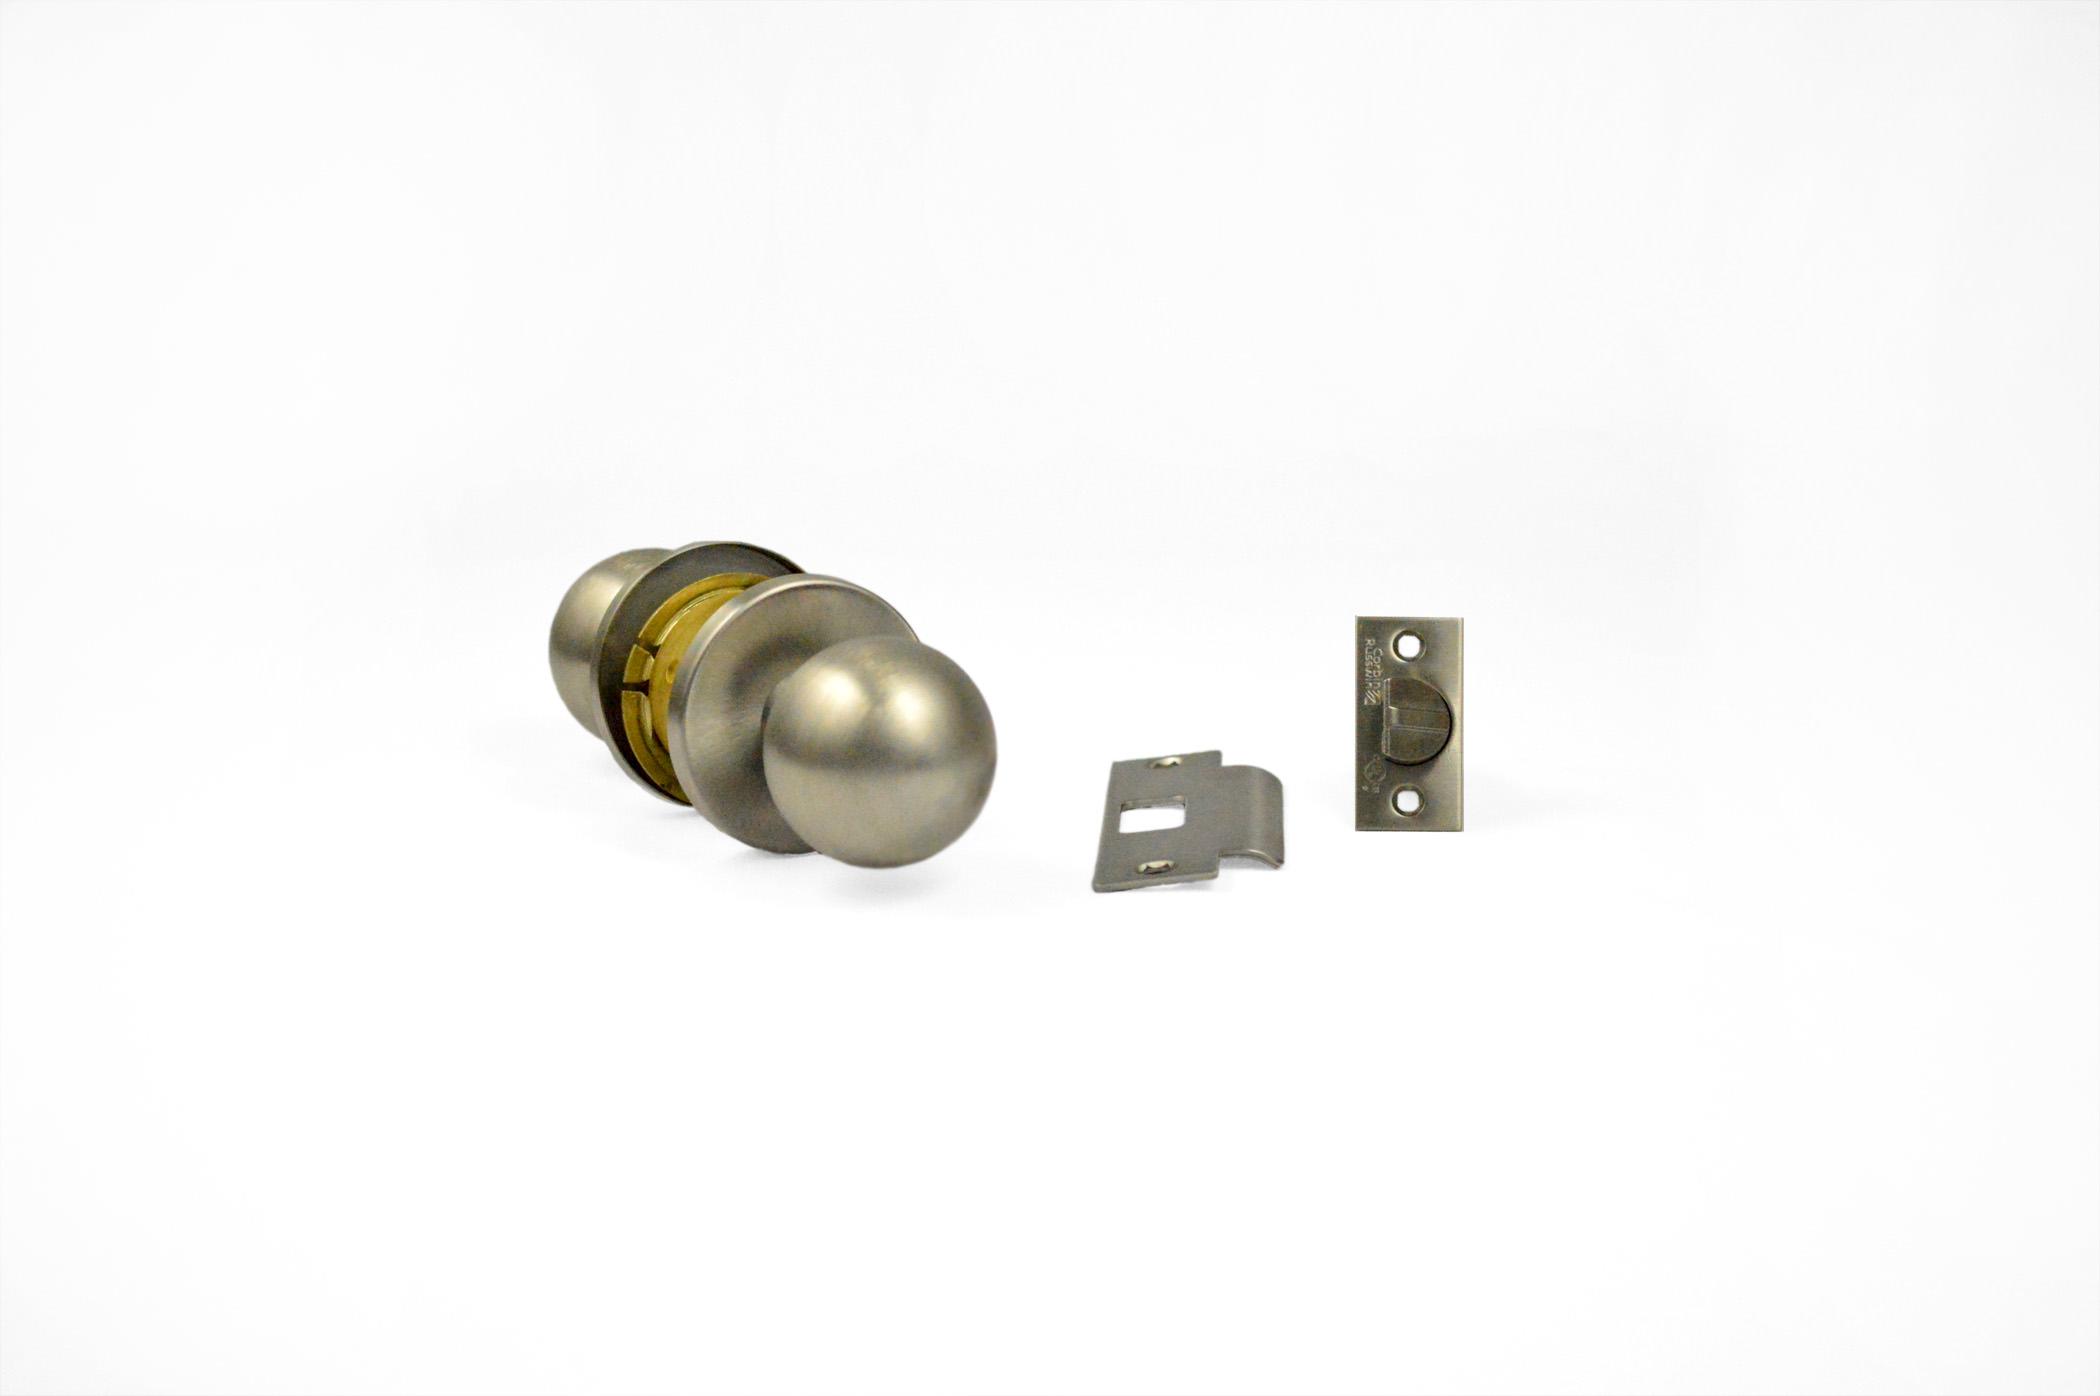 Corbin Lockset The Hardware Pro